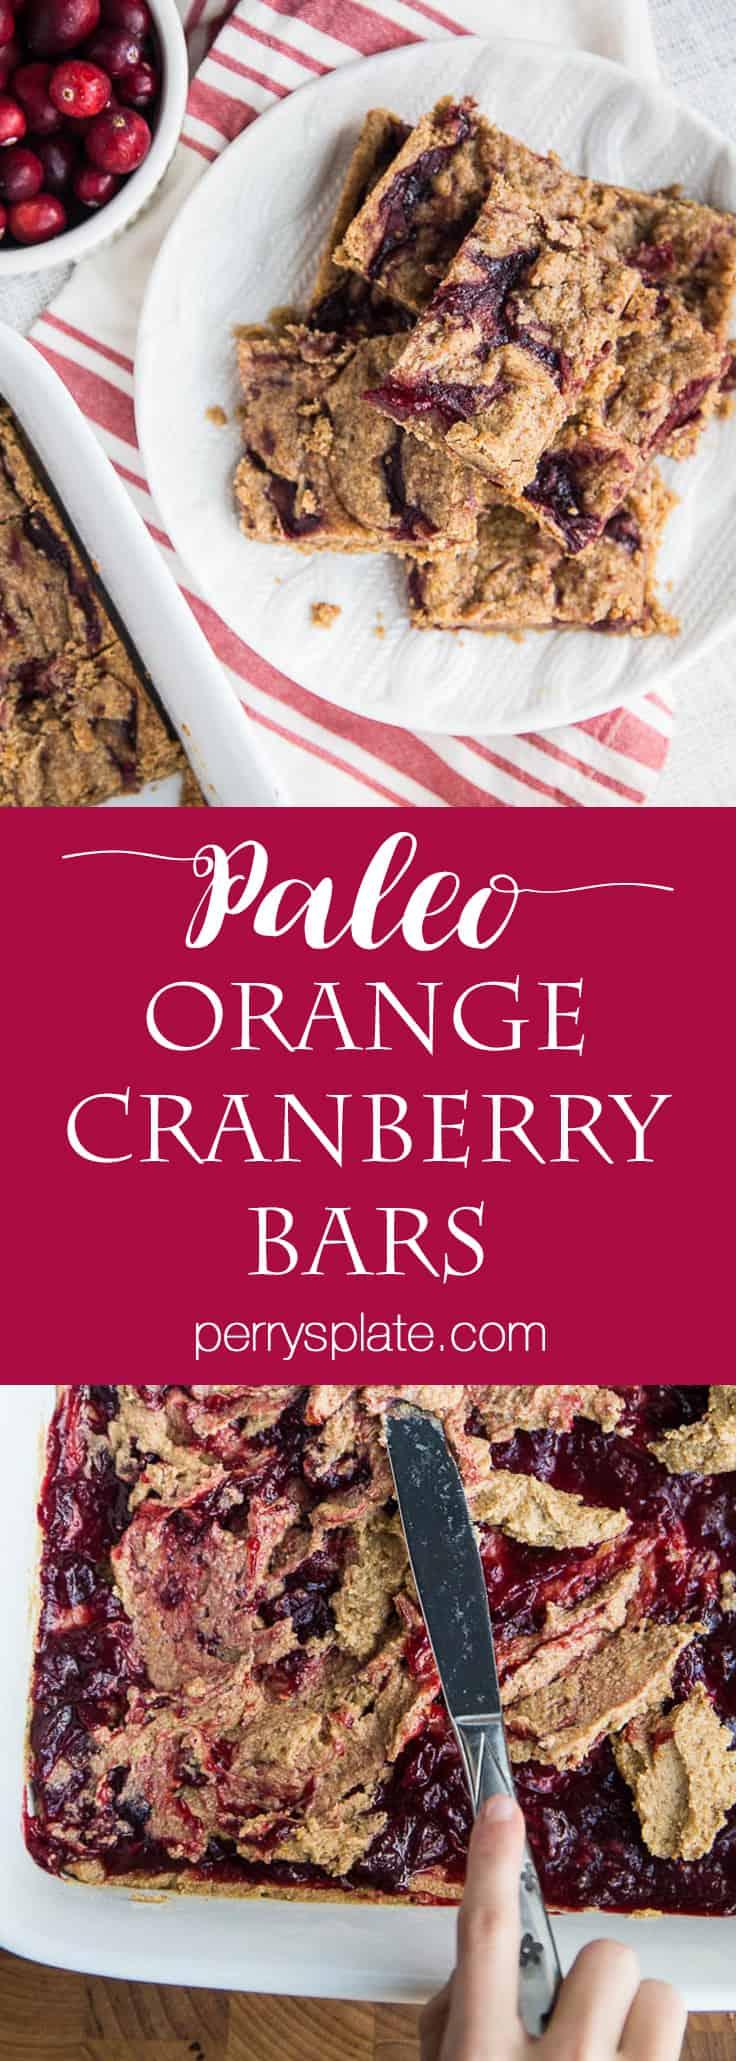 Paleo Orange Cranberry Bars   paleo dessert recipes   leftover cranberry sauce recipes   orange recipes   gluten-free recipes   dairy-free recipes   perrysplate.com